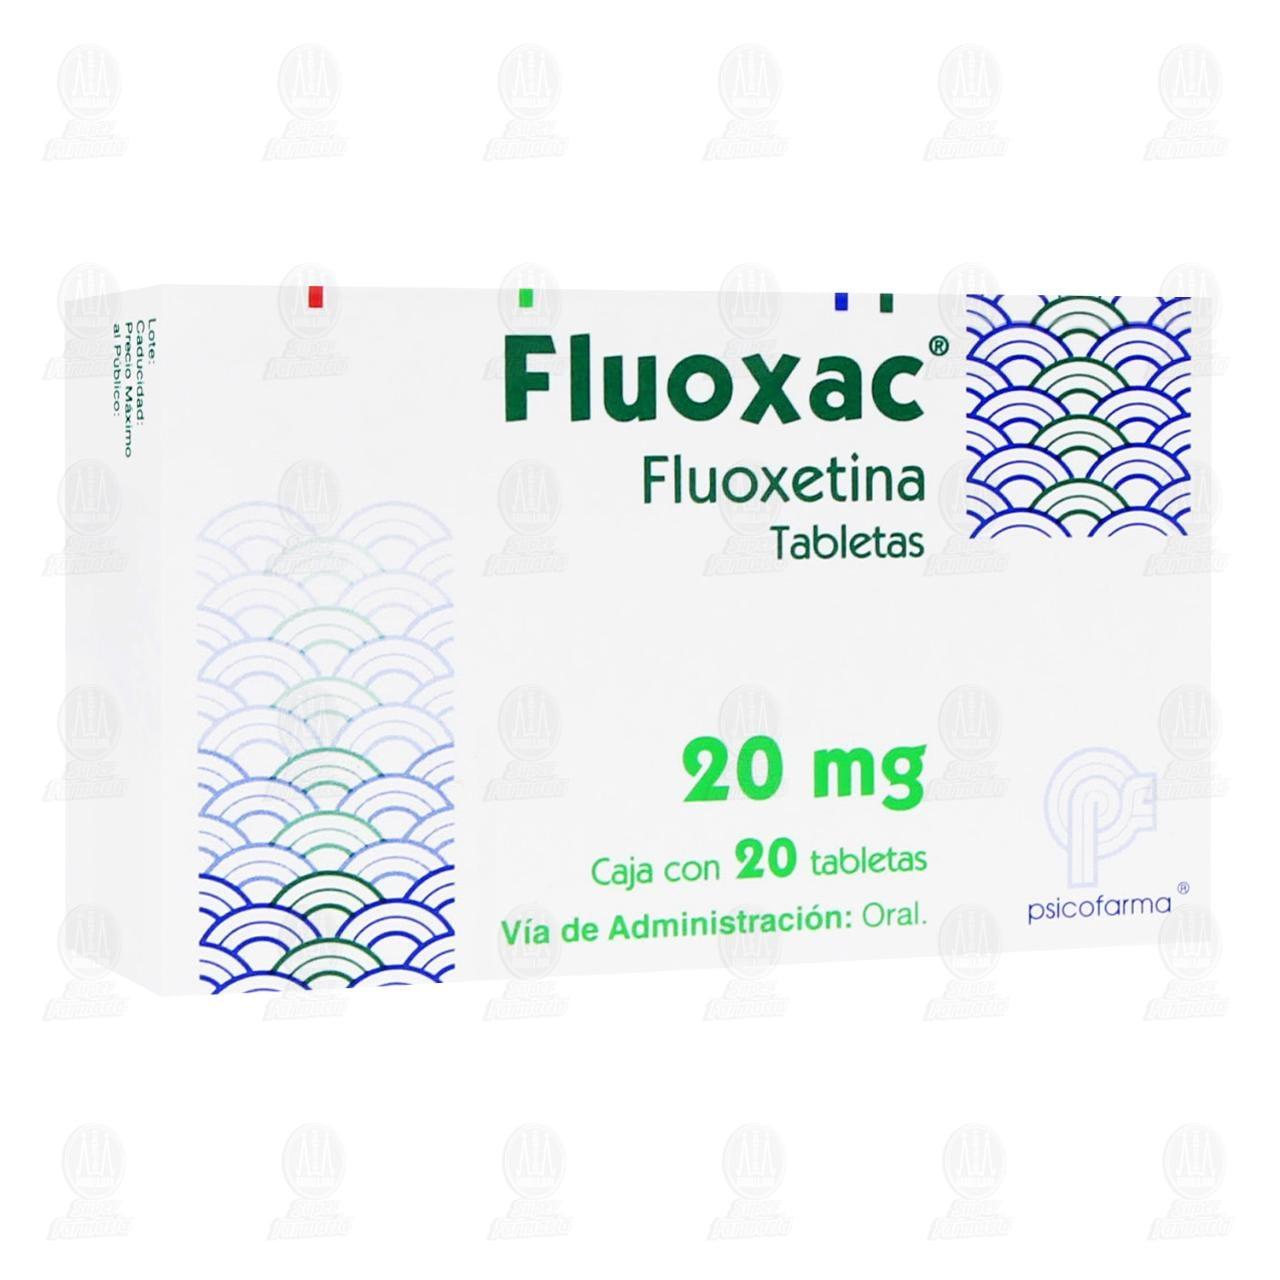 Fluoxac 20mg 20 Tabletas